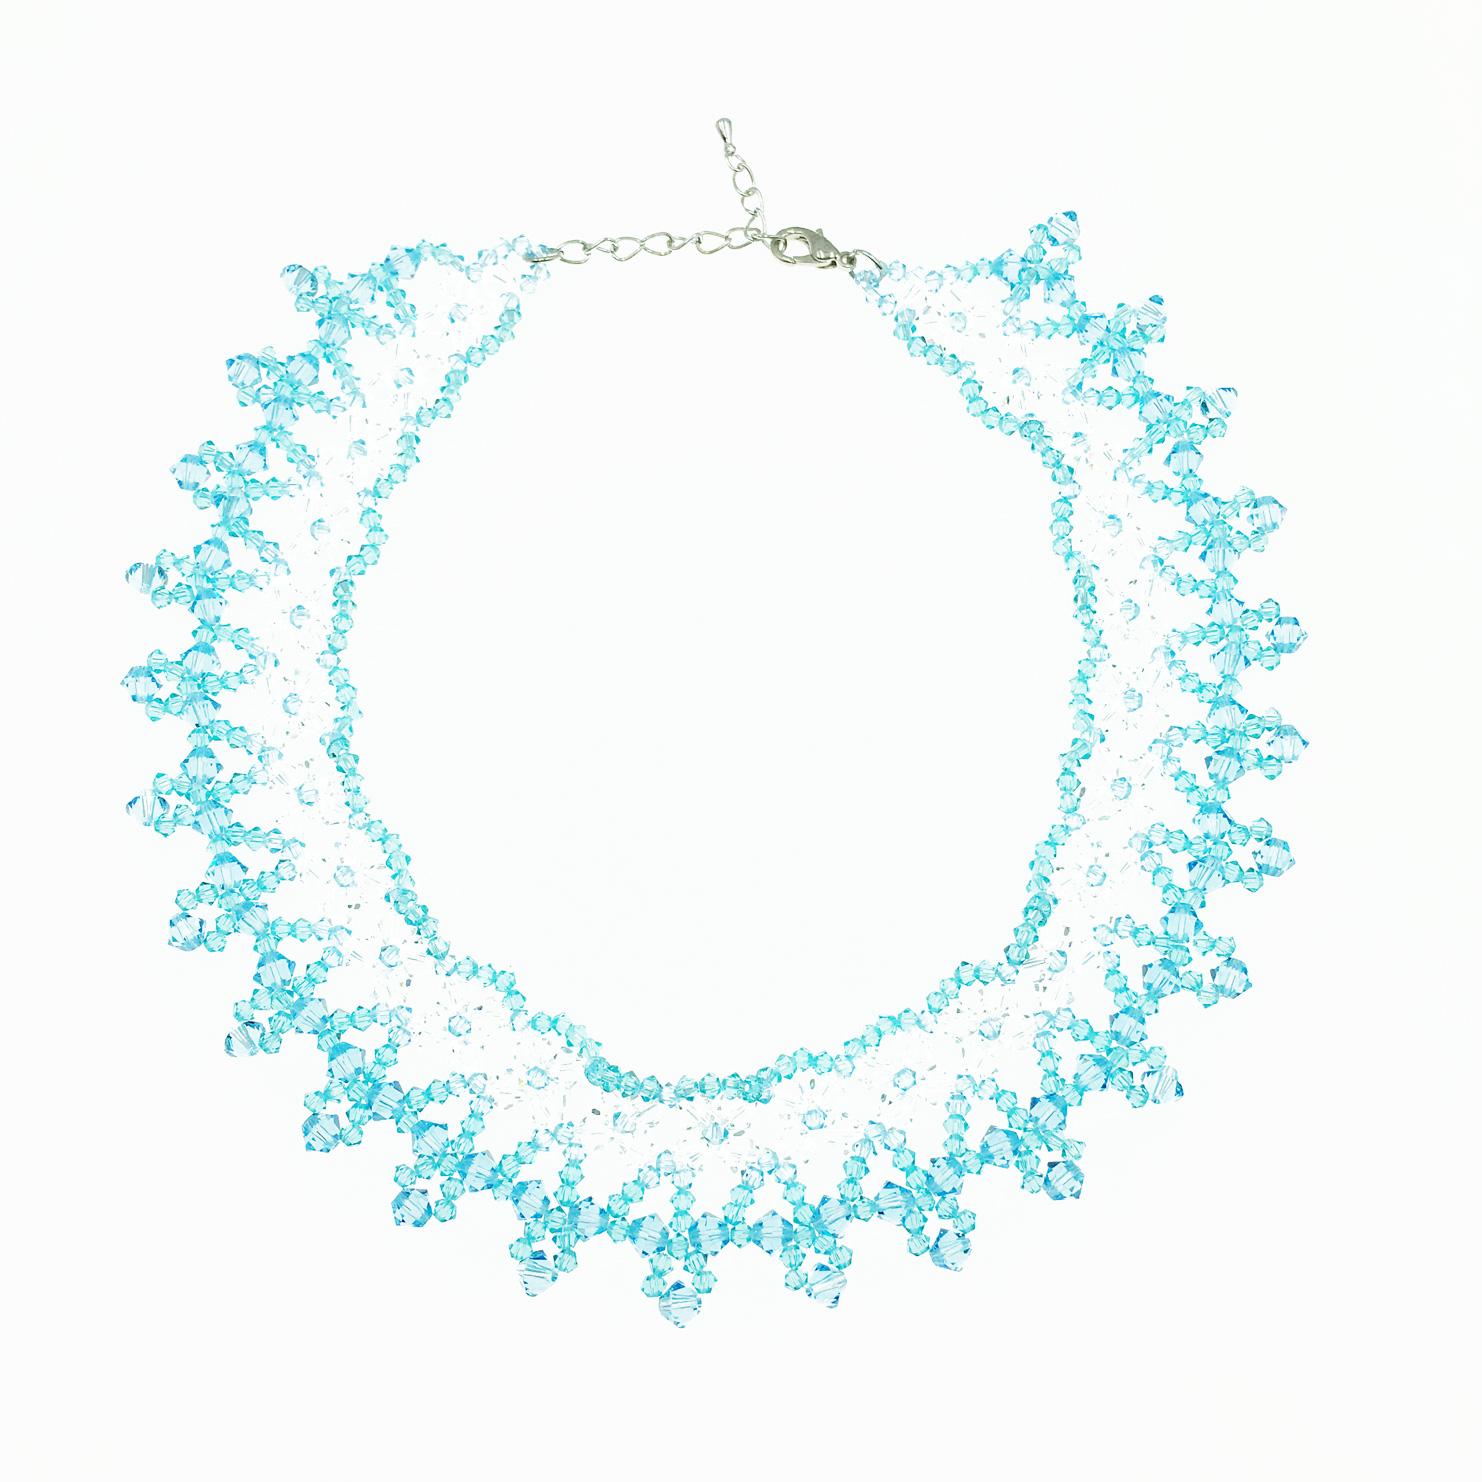 水晶 透明 藍色 項鍊 採用施華洛世奇水晶元素 Crystals from Swarovski